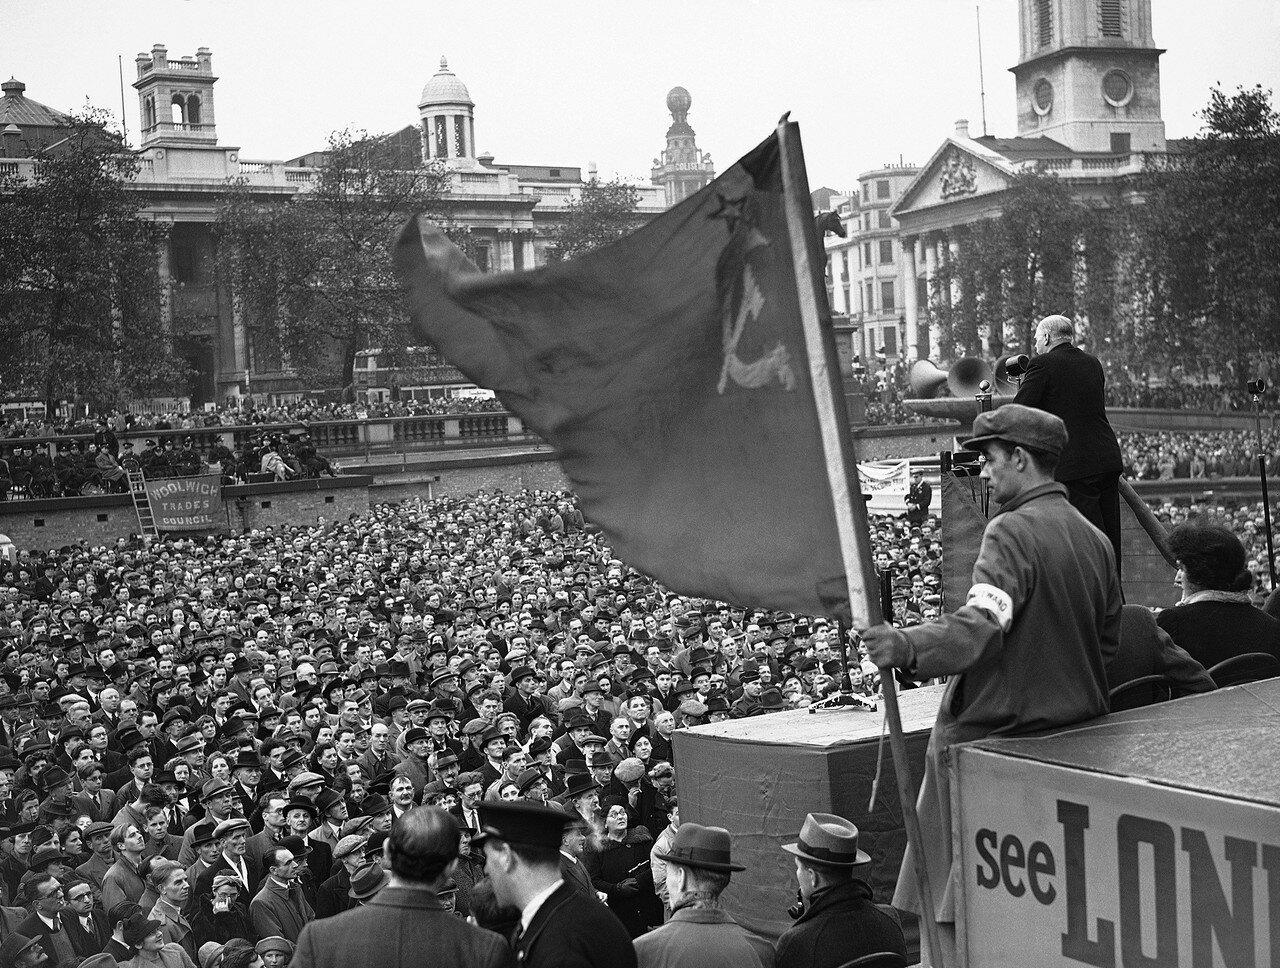 1942. Герои войны и заводские рабочие были среди тех, кто принимал участие в митинге на Трафальгарской площади с требованием открытия второго фронта